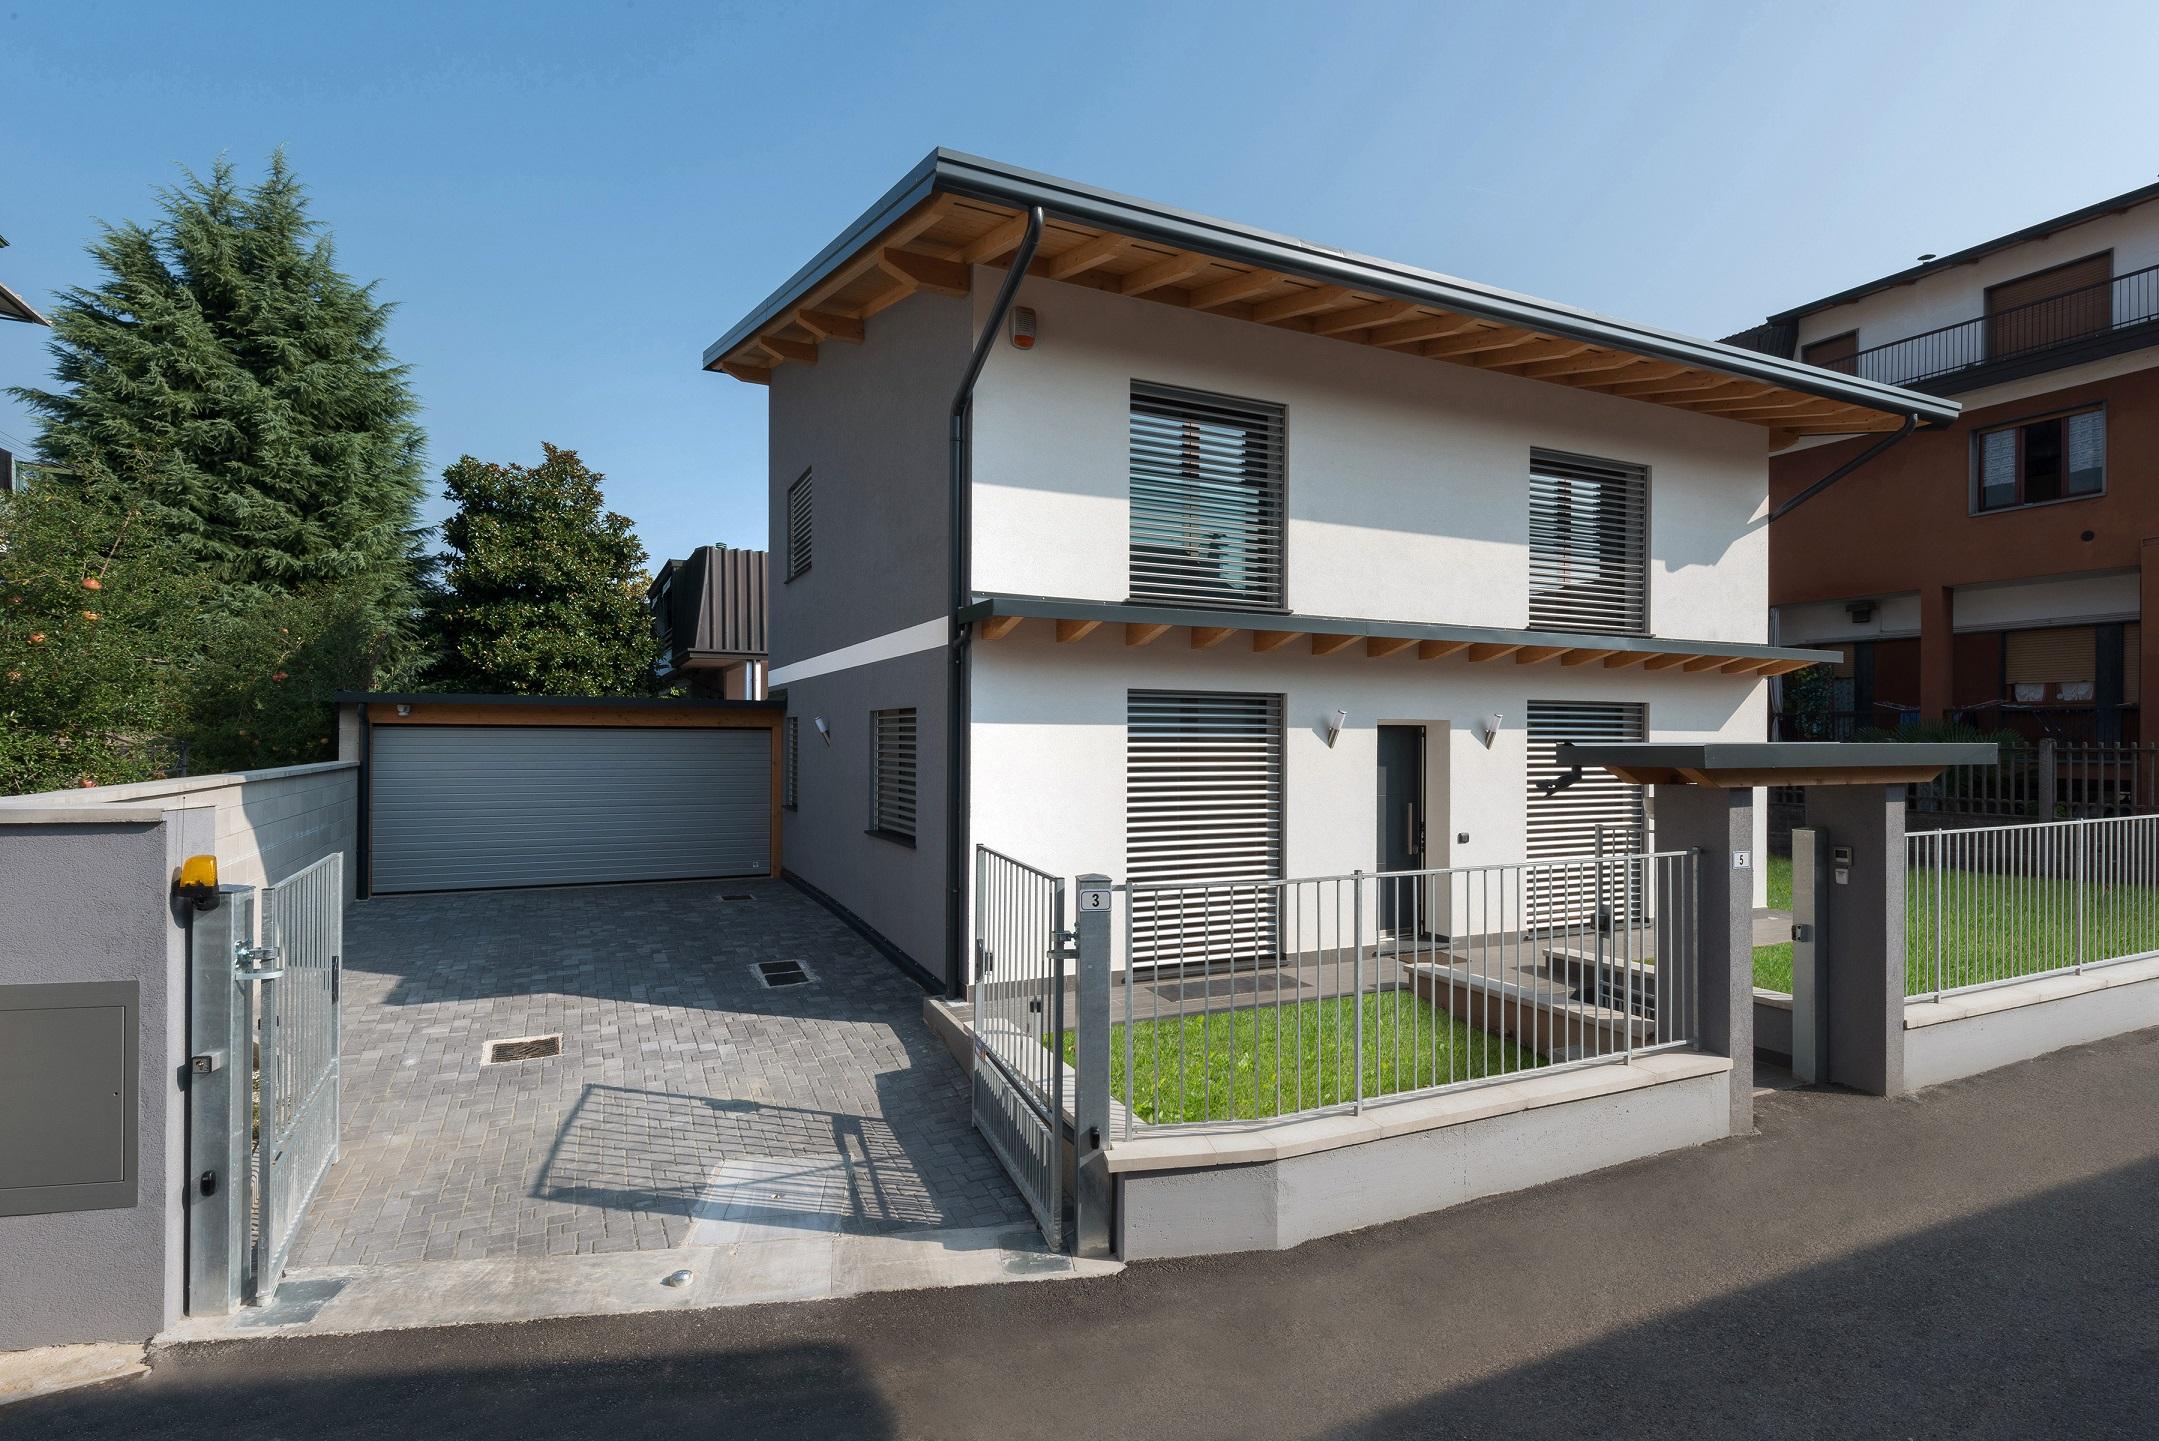 Pompa di calore e vmc per la casa passiva in legno gt for Casa moderna milano